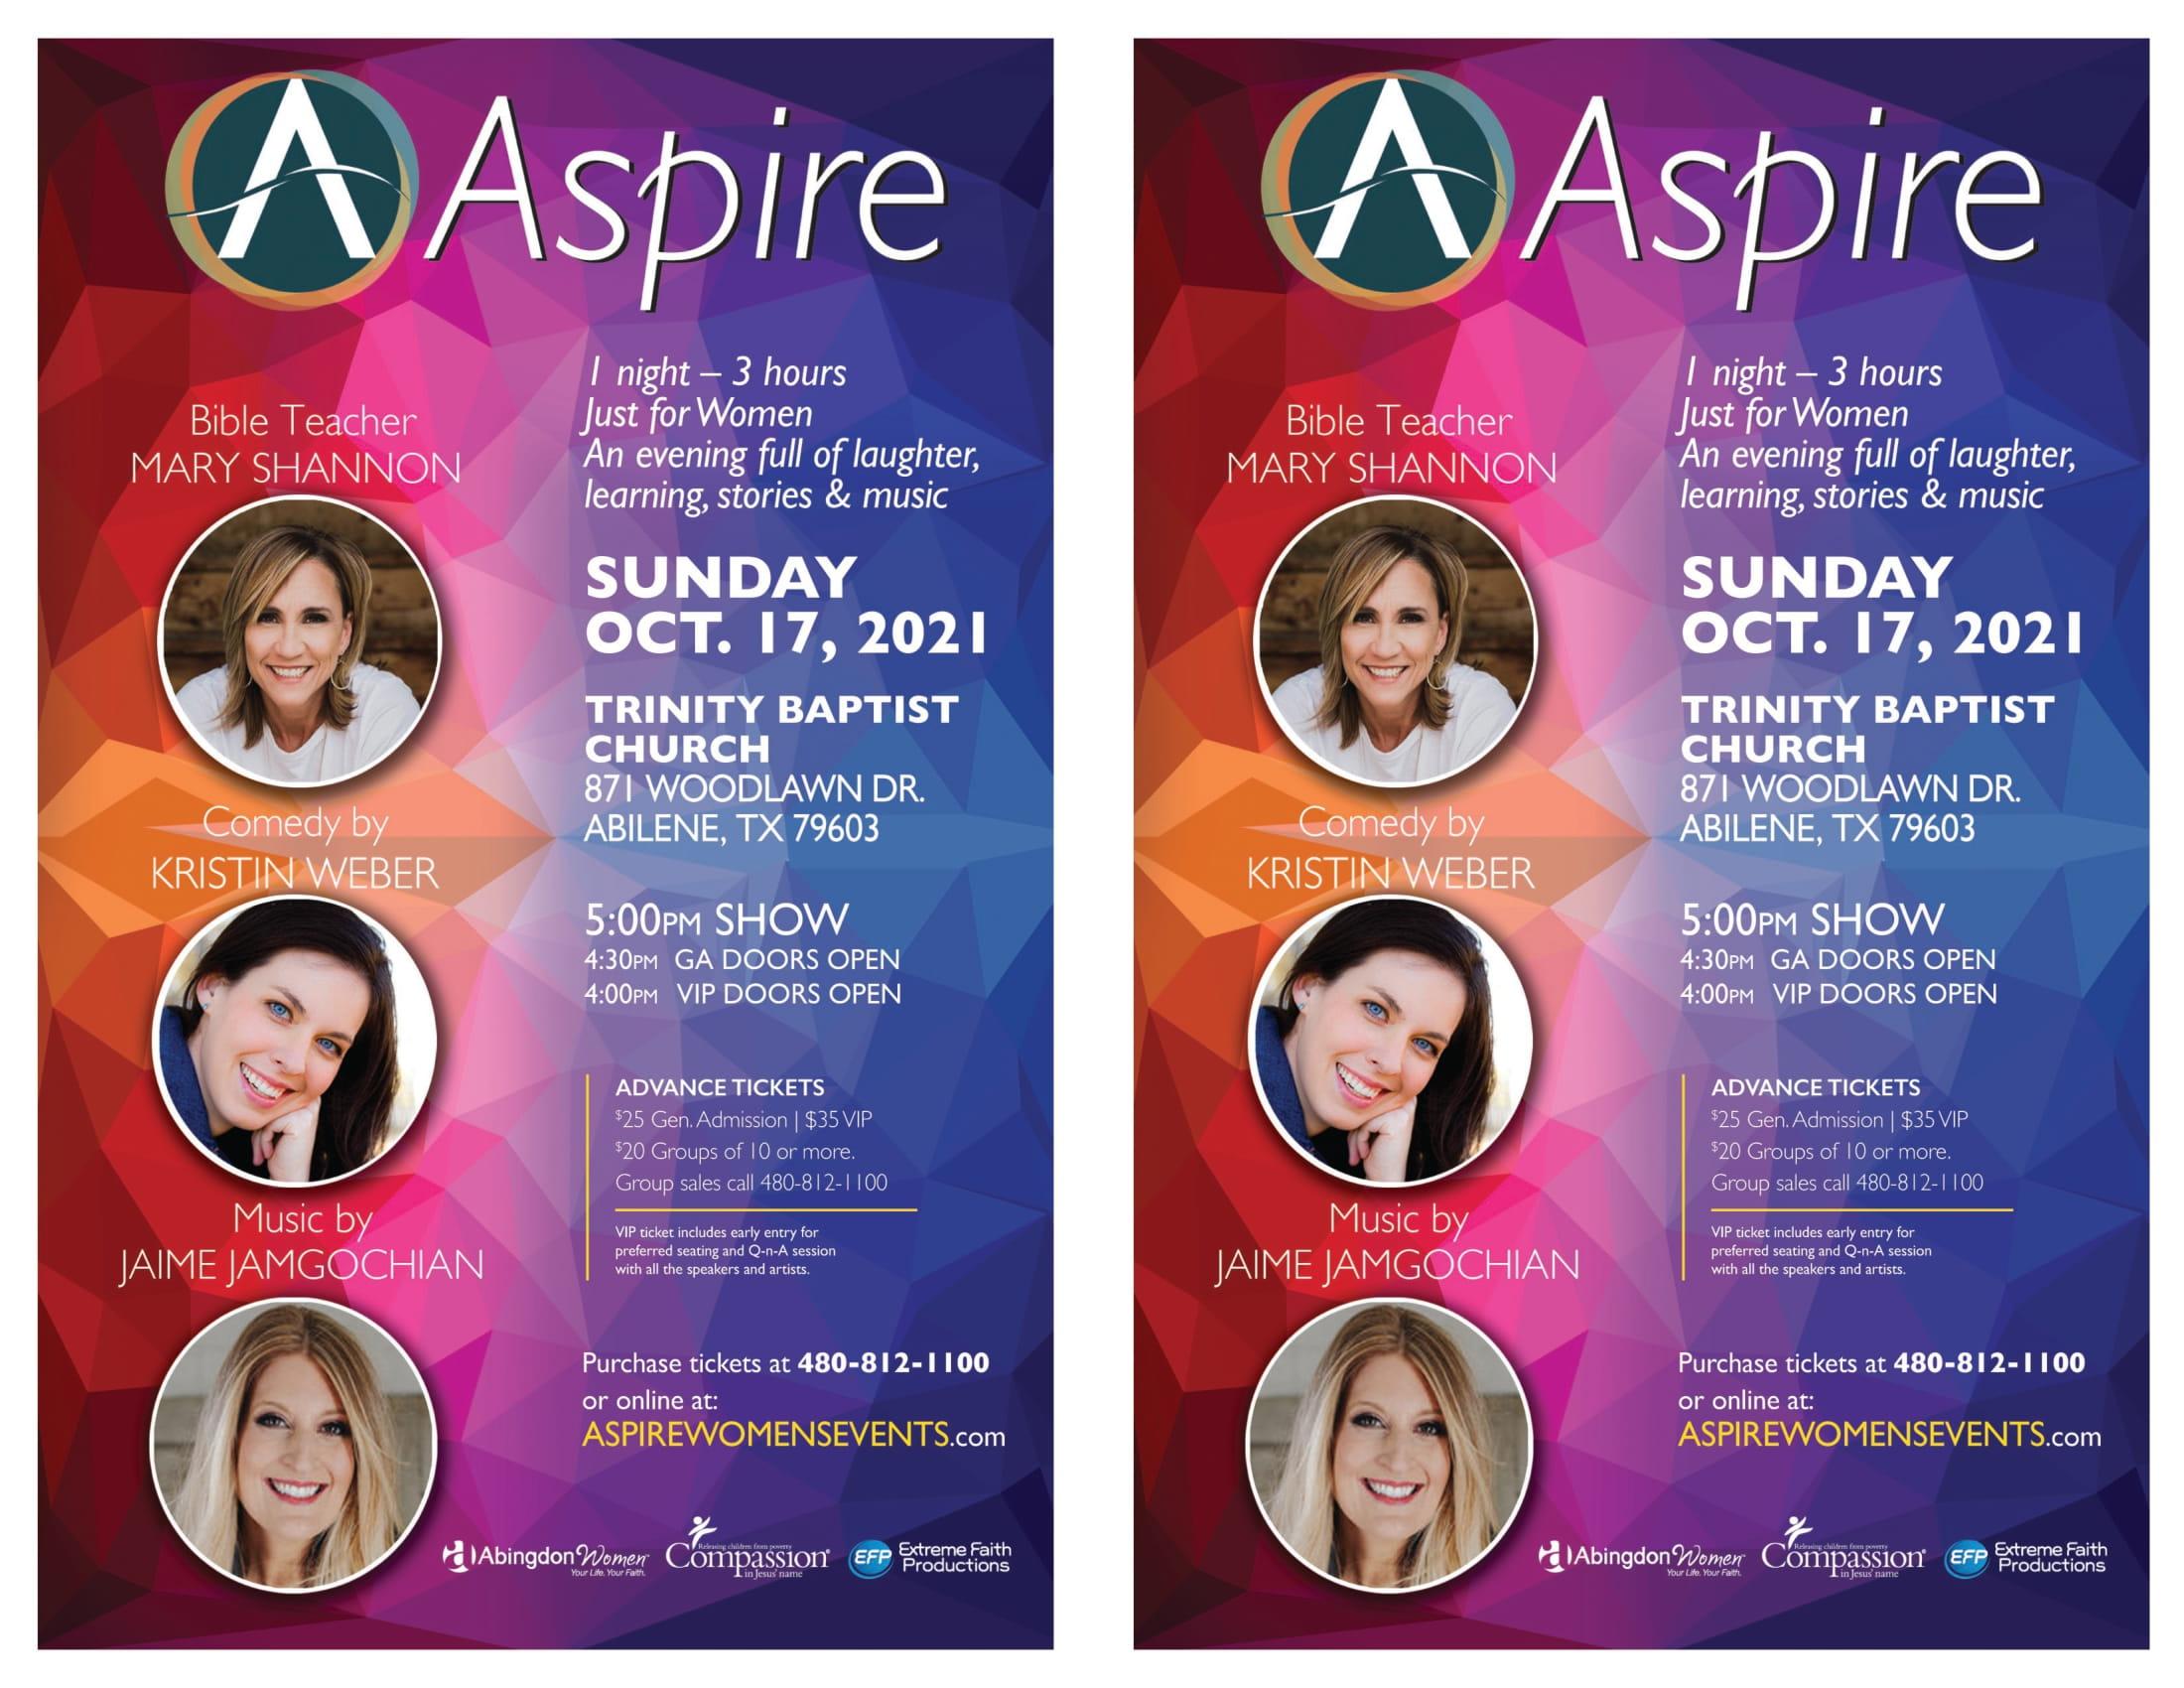 ASPIRE SUN Oct 17 Abilene TX-2UP-1